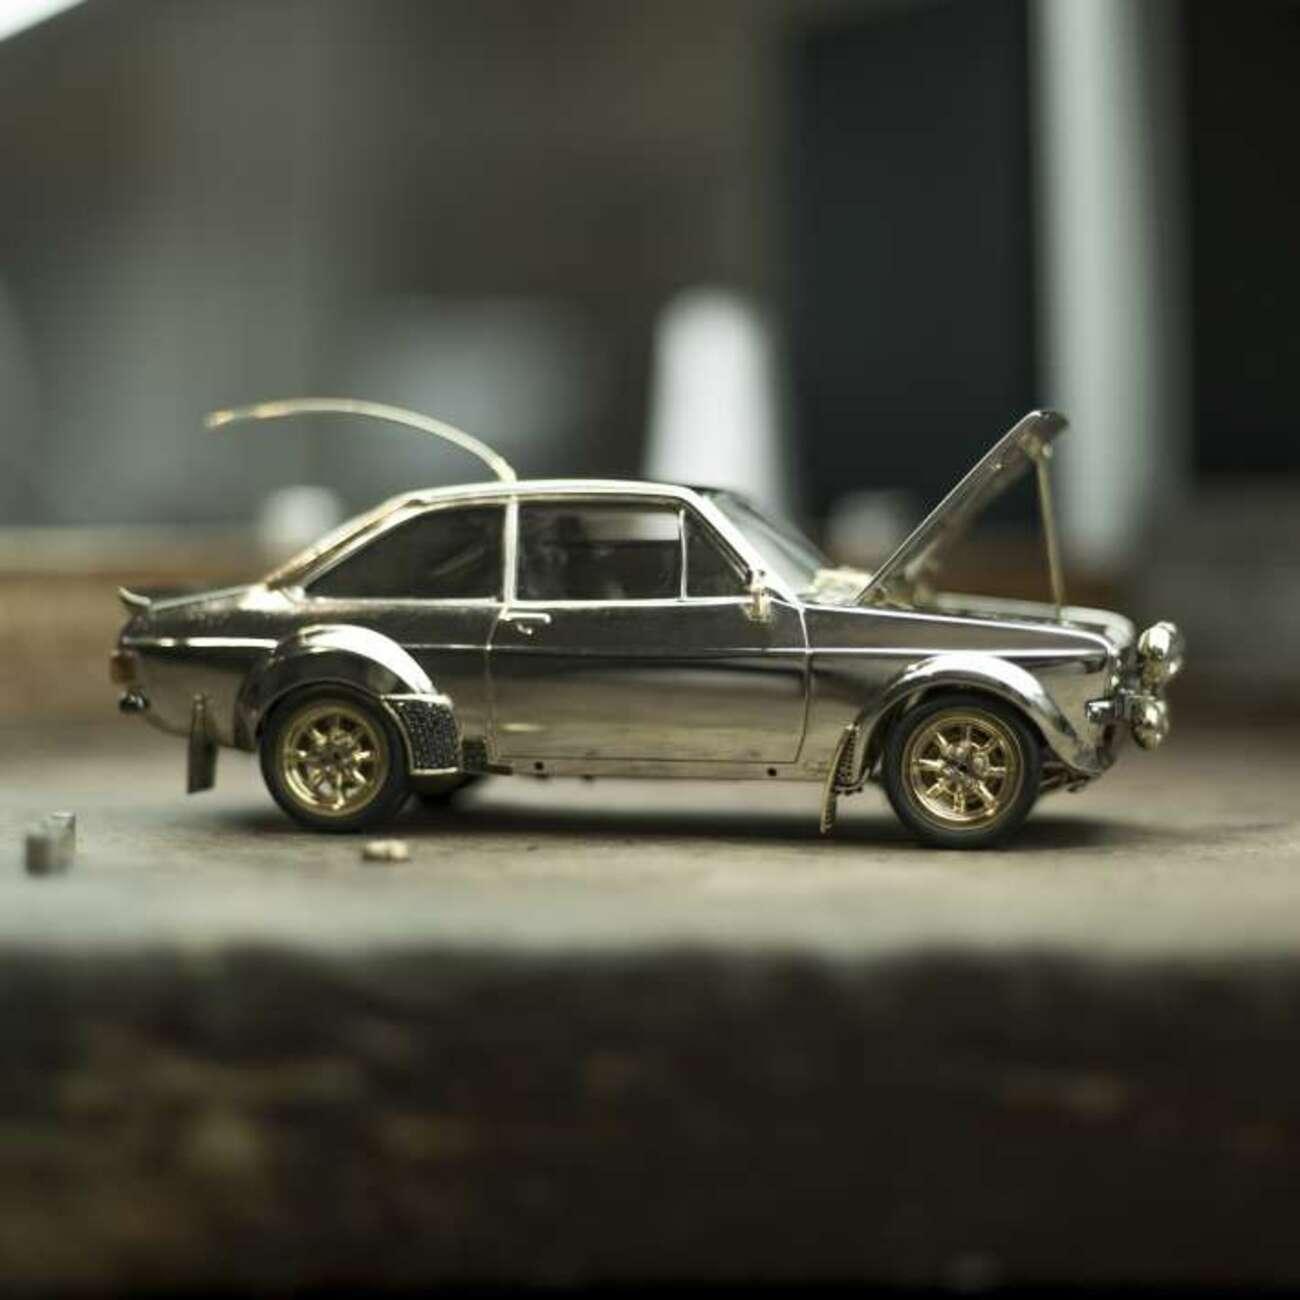 Ford Escort Maqueta